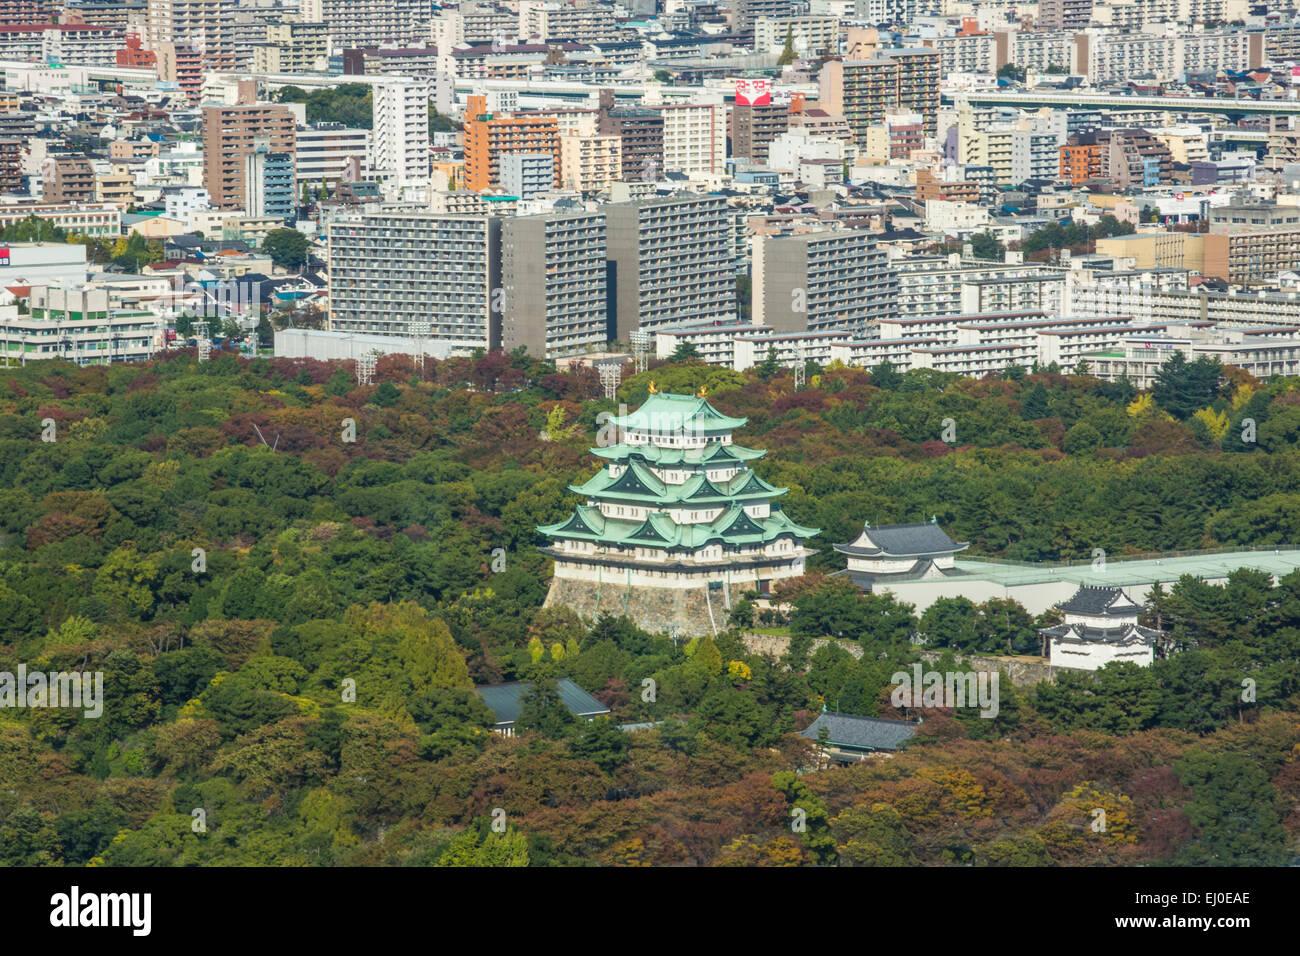 City, Giappone, Asia, Nagoya, antenna, Aichi, architettura